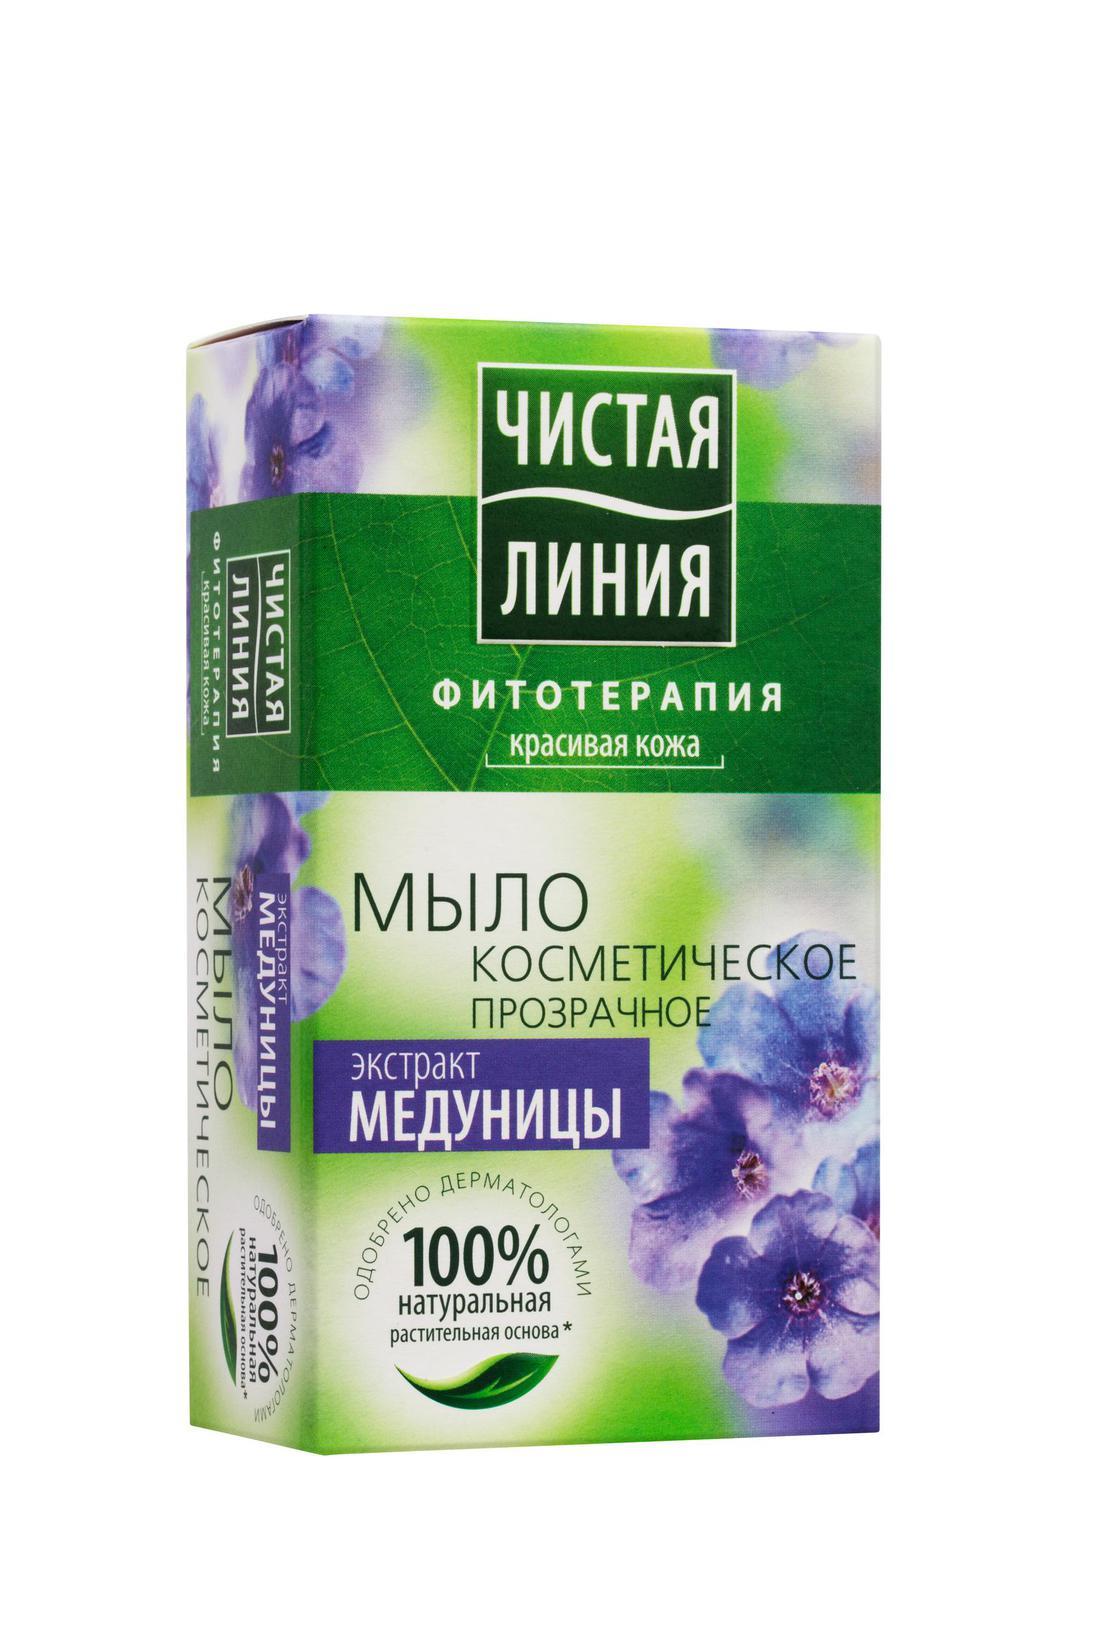 """Мыло косметическое """"чистая линия"""" экстракт медуницы"""